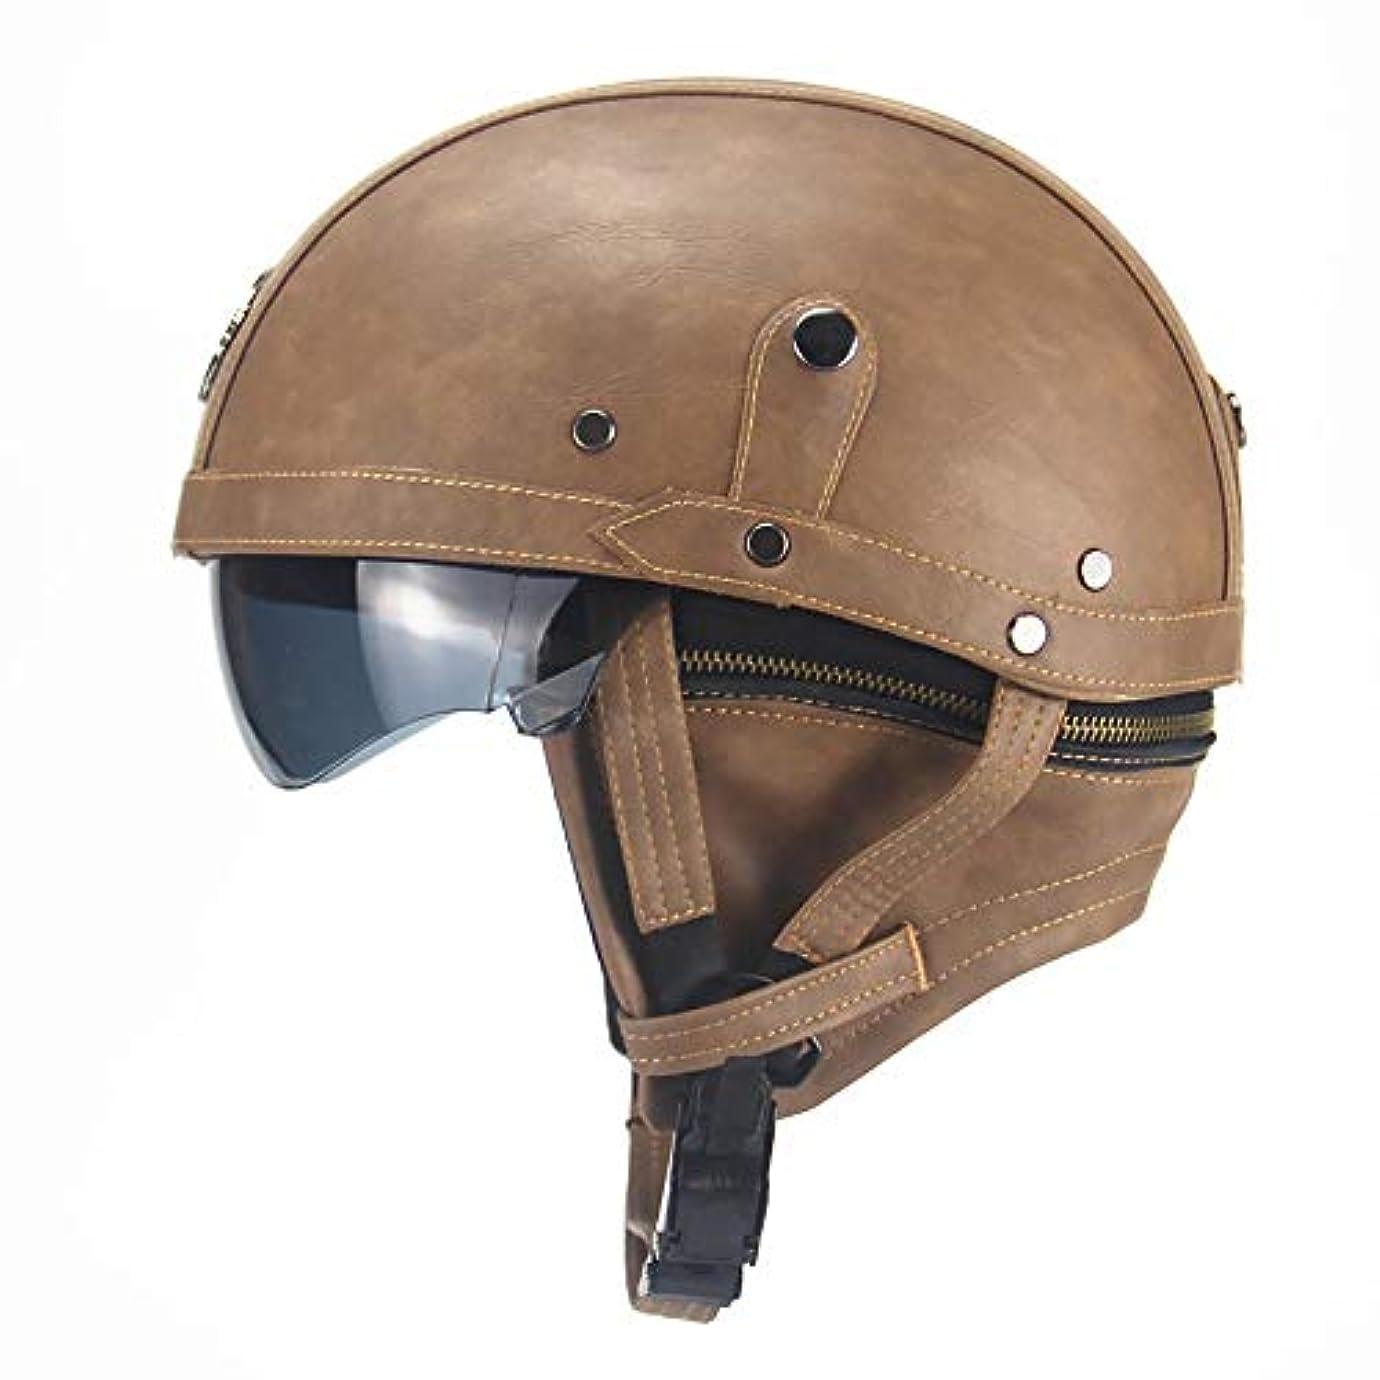 ガジュマル垂直分解するHYH ABSプラスチック人格複合PUレザー古代ハーレーレザーハーフヘルメットオートバイ車自転車ヘルメットブラック/ブラウン いい人生 (色 : Brown)